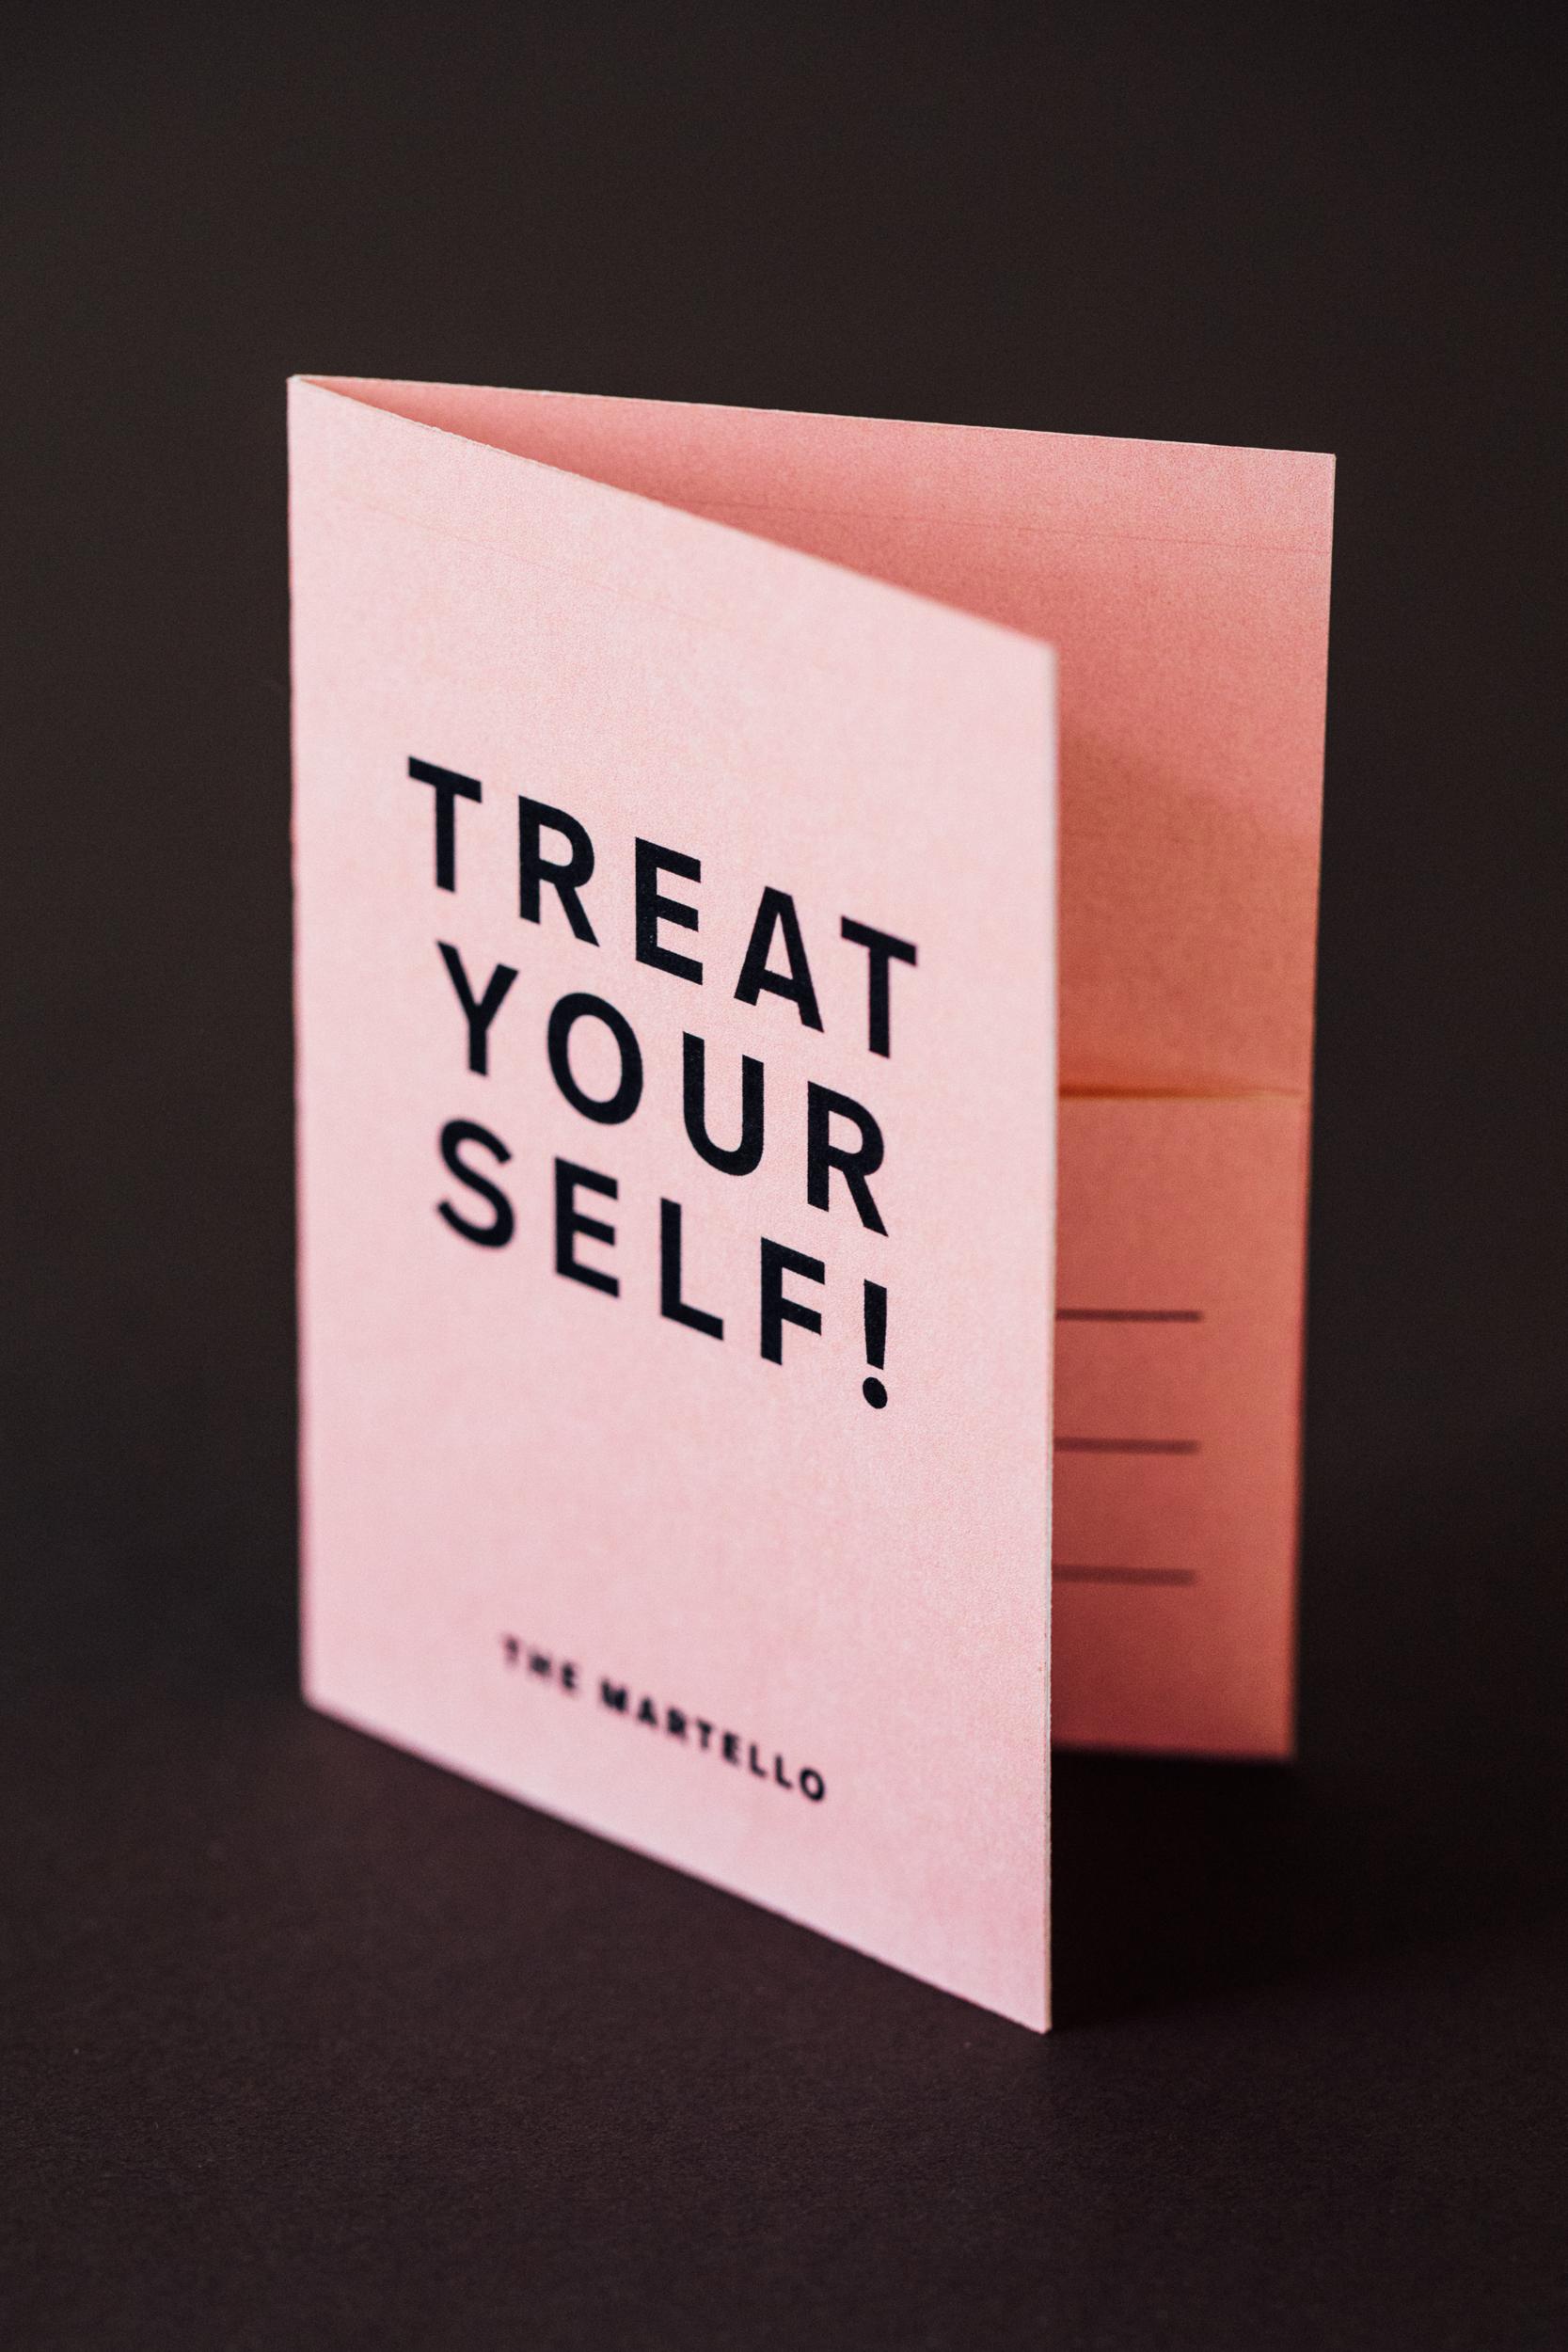 Gift card design for The Martello, by brennan & stevens